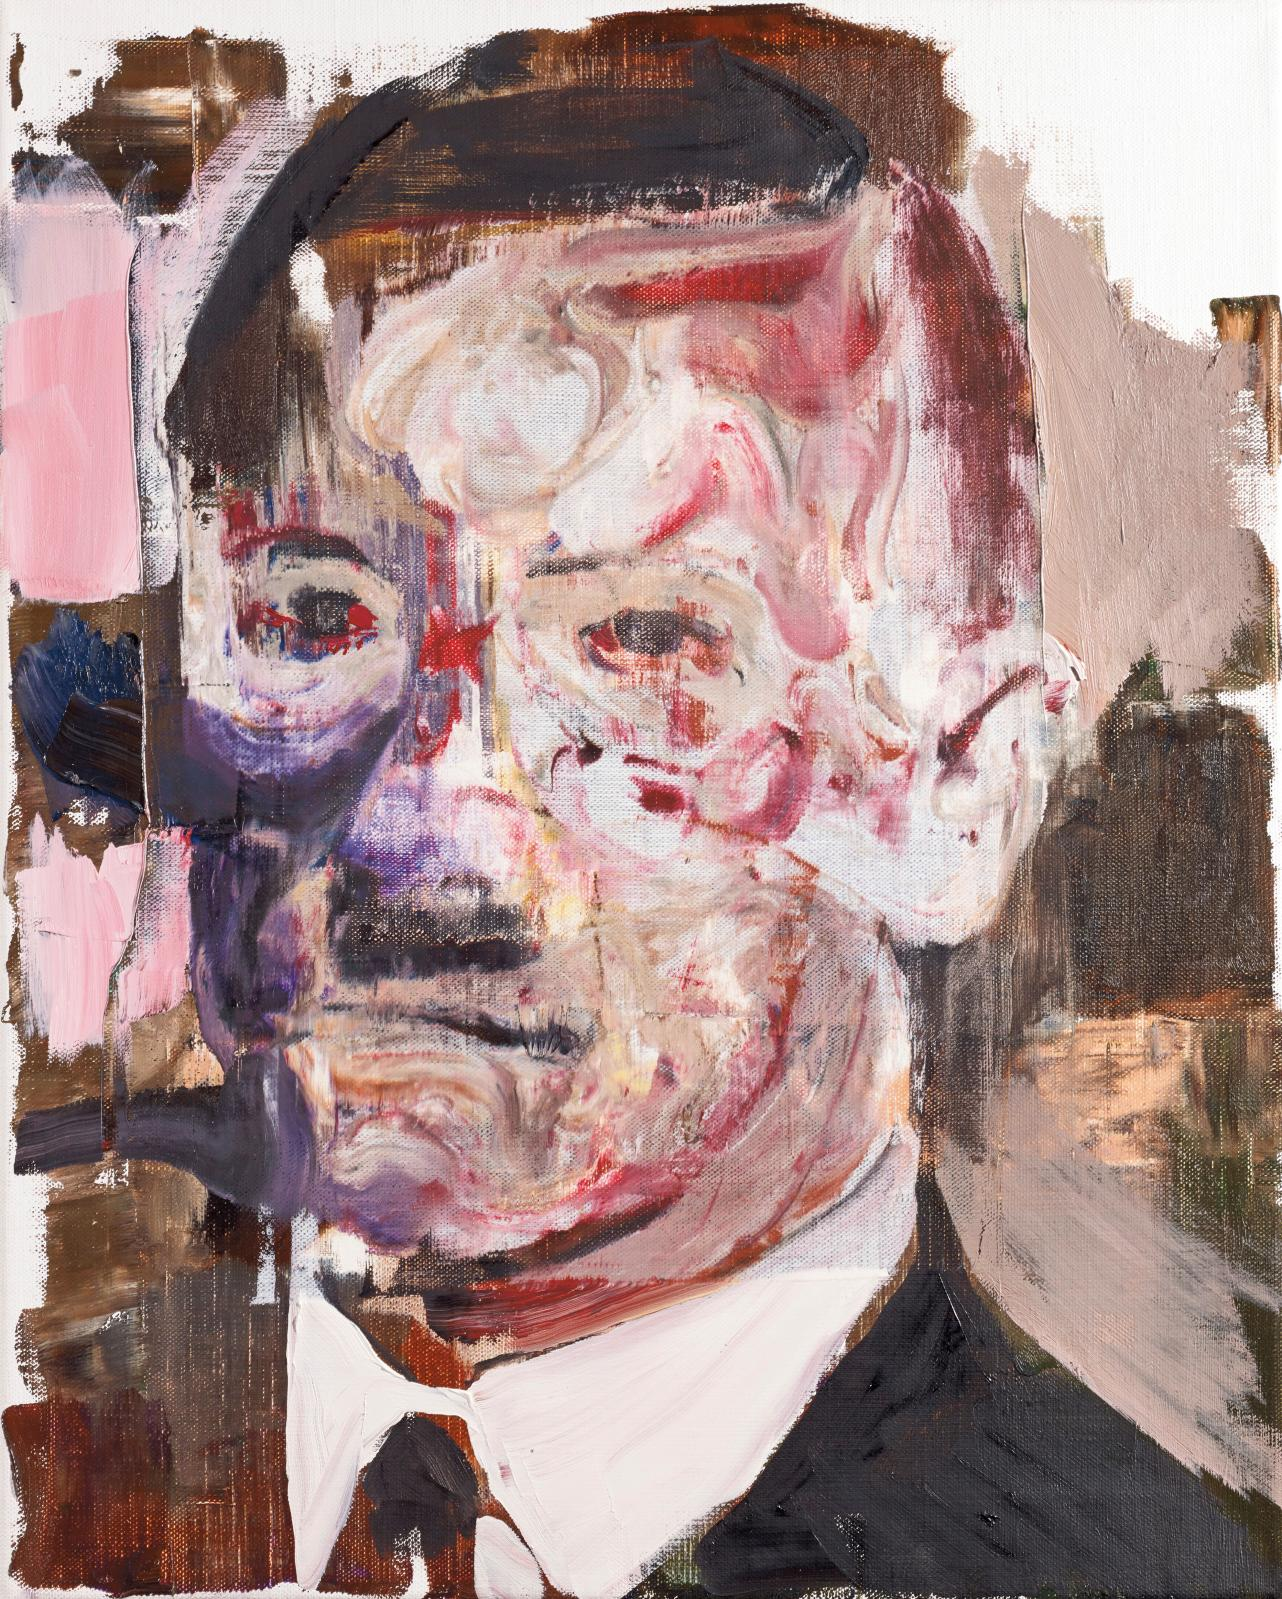 Adrian Ghenie (né en 1977), Untitled, 2011, huile sur toile.